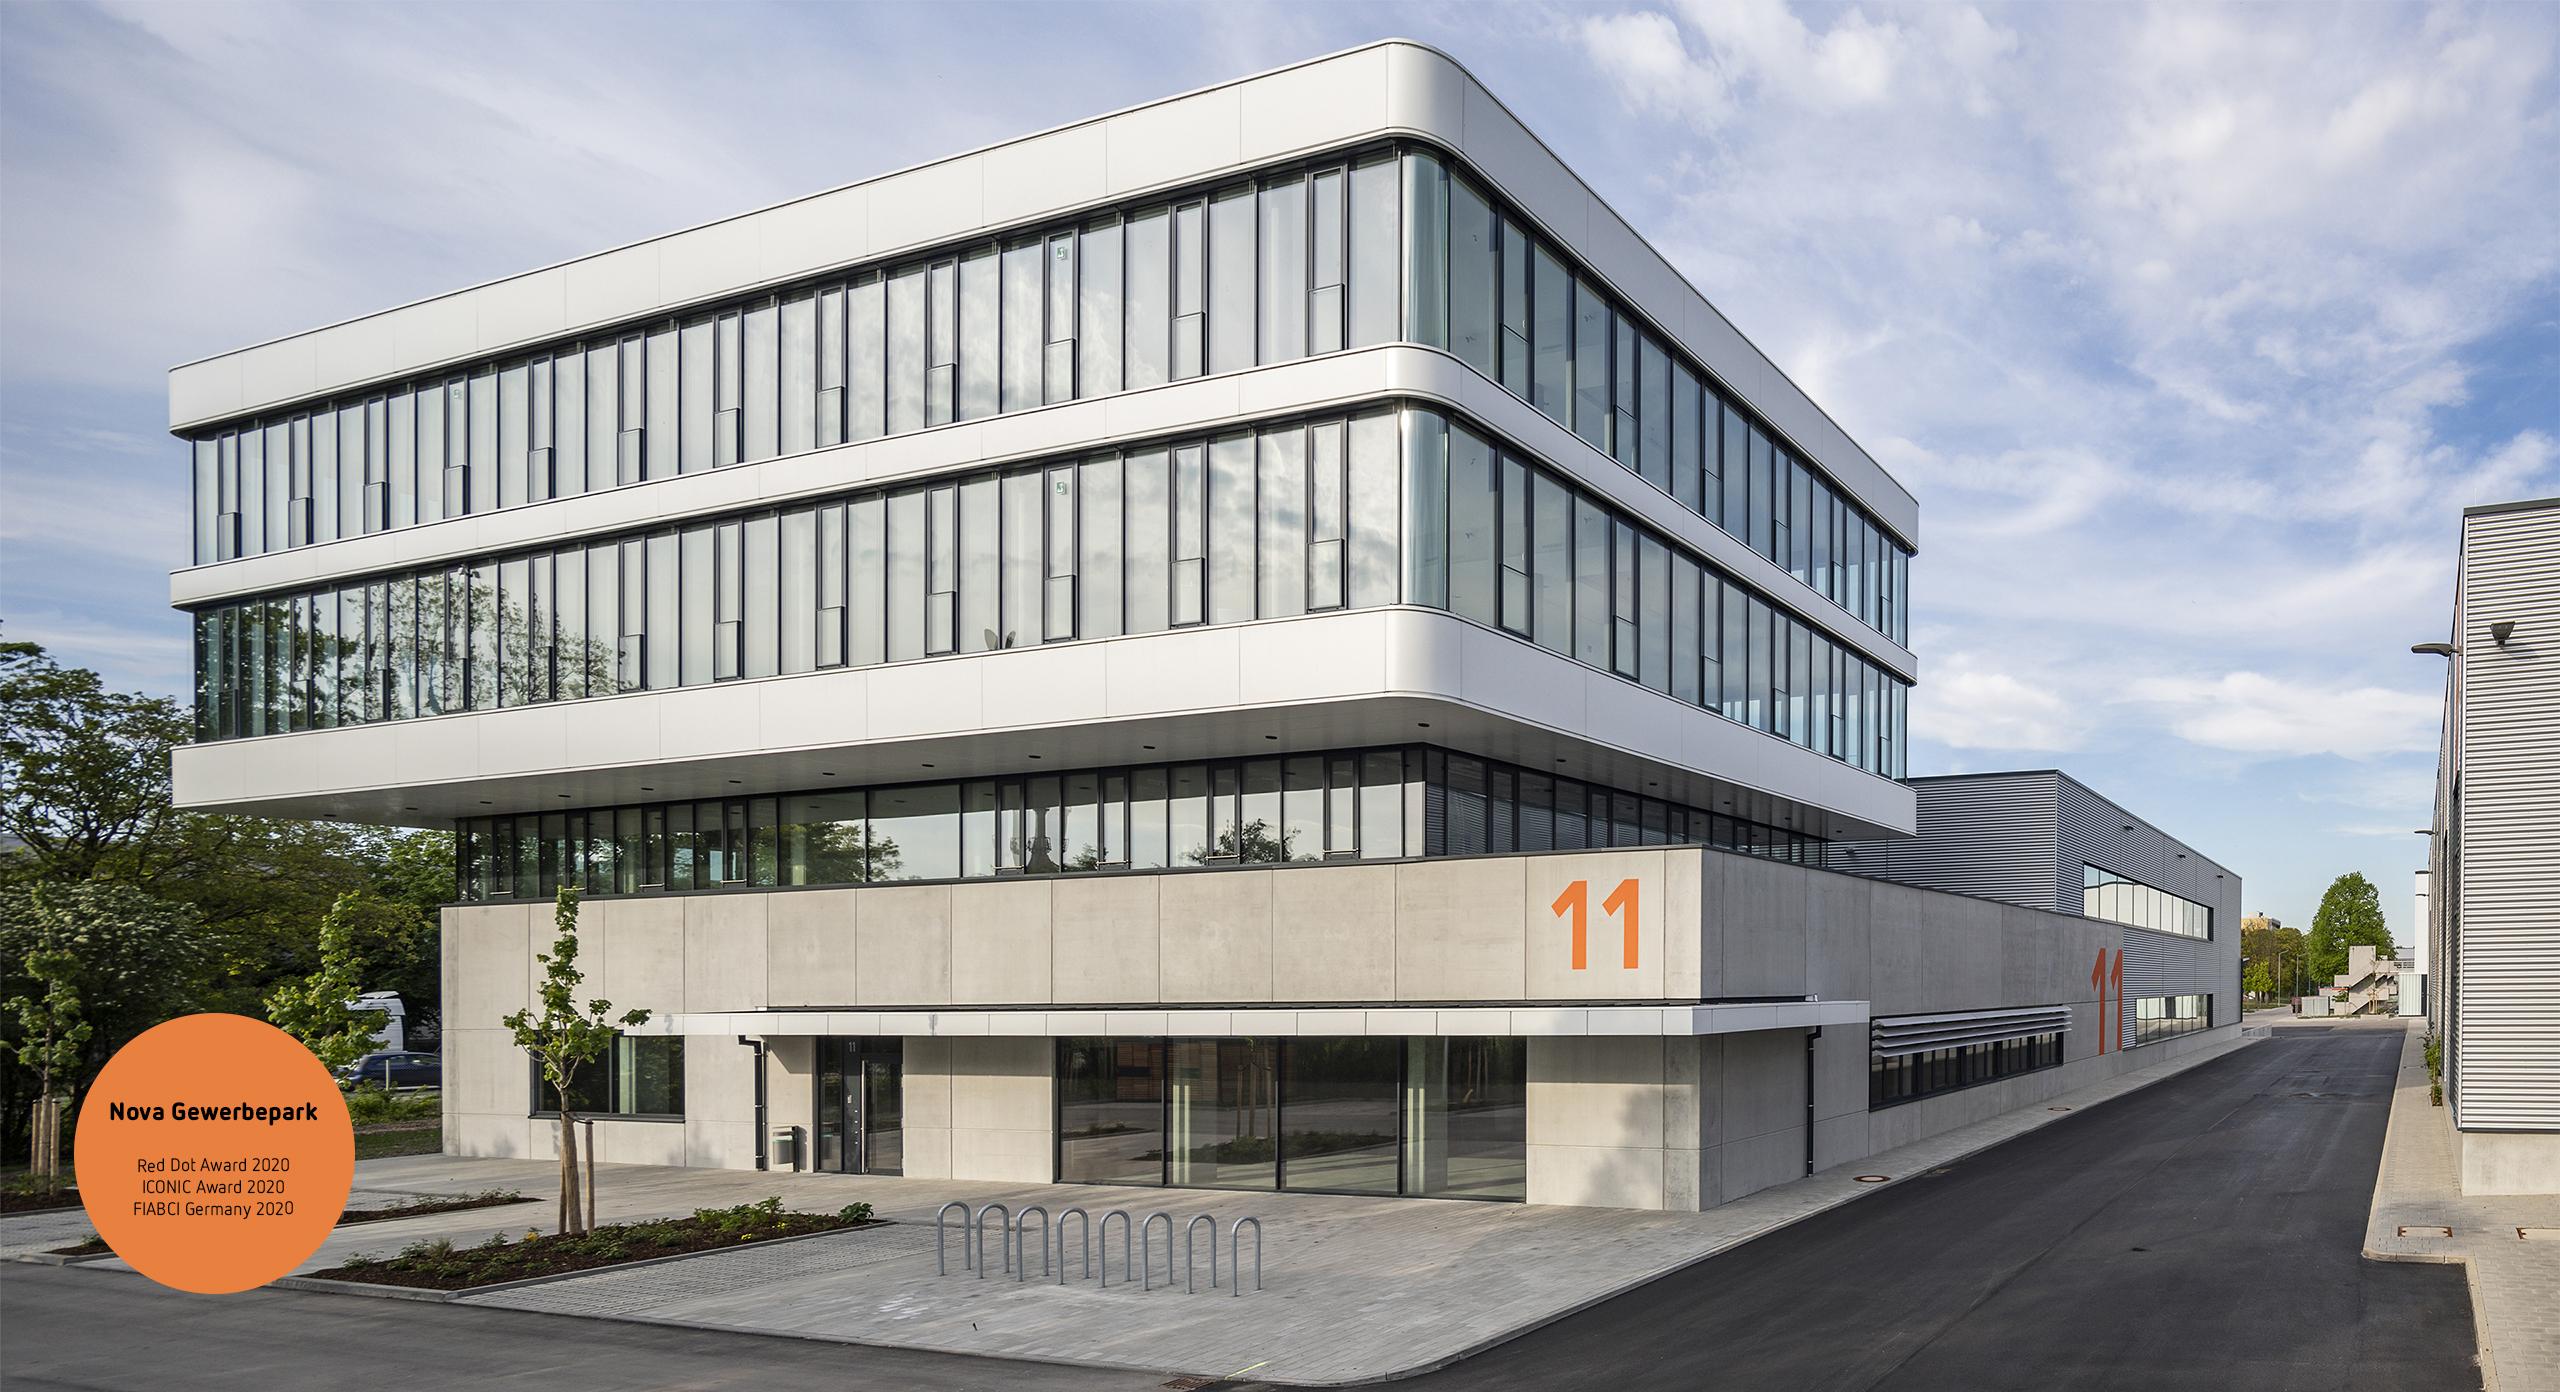 Nova_Buero_Architekten_Muenchen_750x1334_2